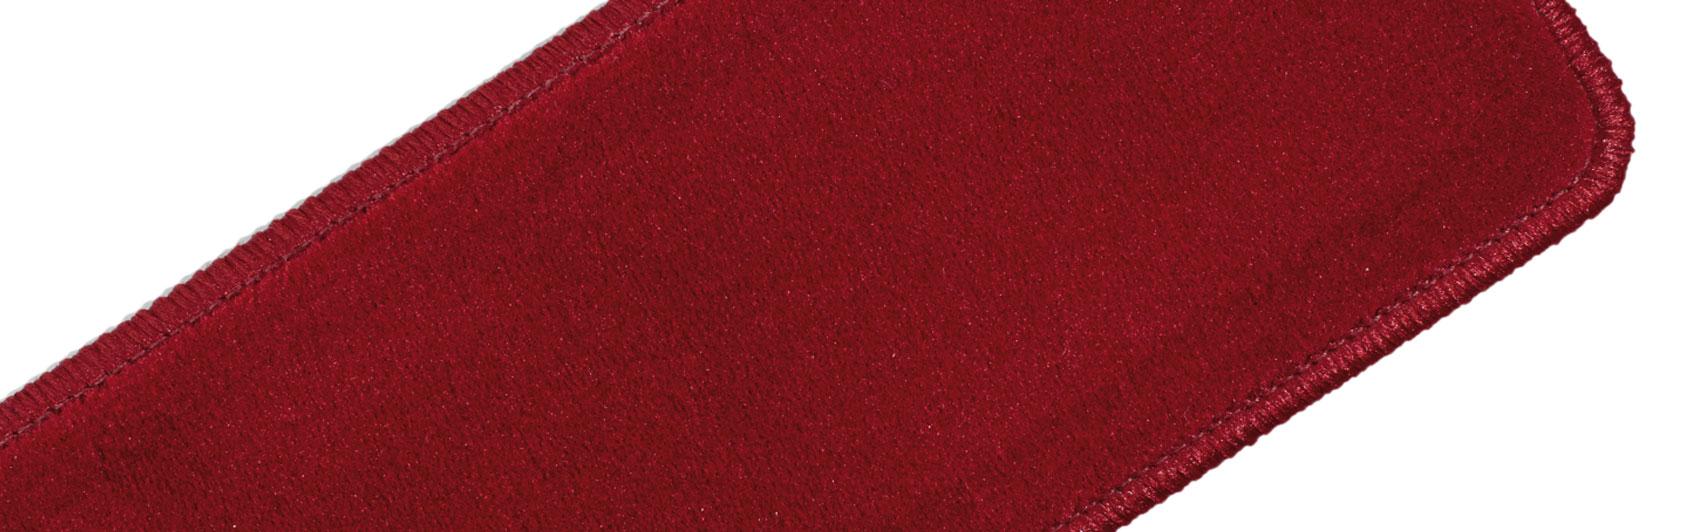 exemple agenouilloir velours qualité uni couleur code 611 couleur rouge clair